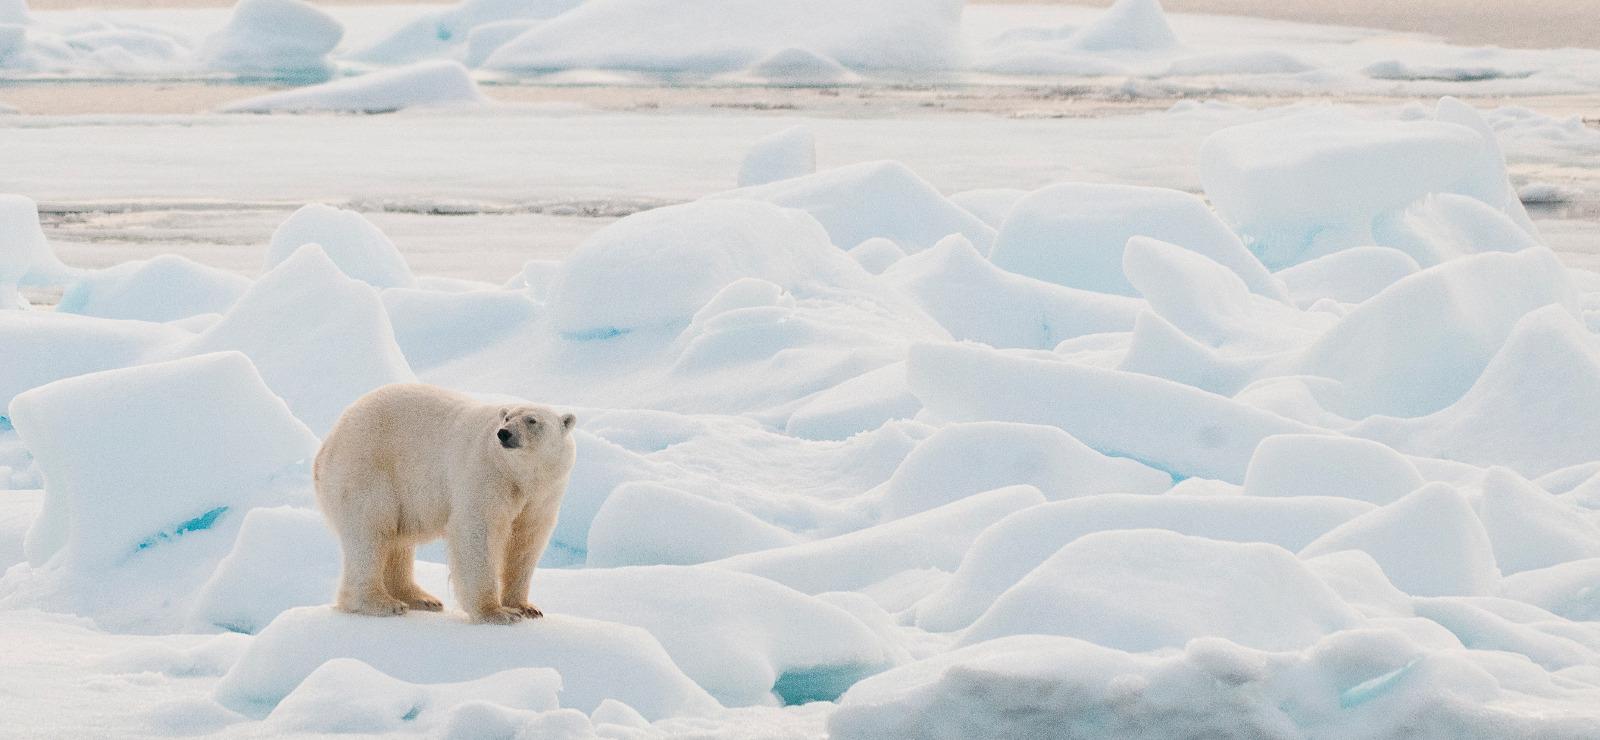 La CPI propose de considérer les atteintes à la nature comme des «crimes contre l'humanité»